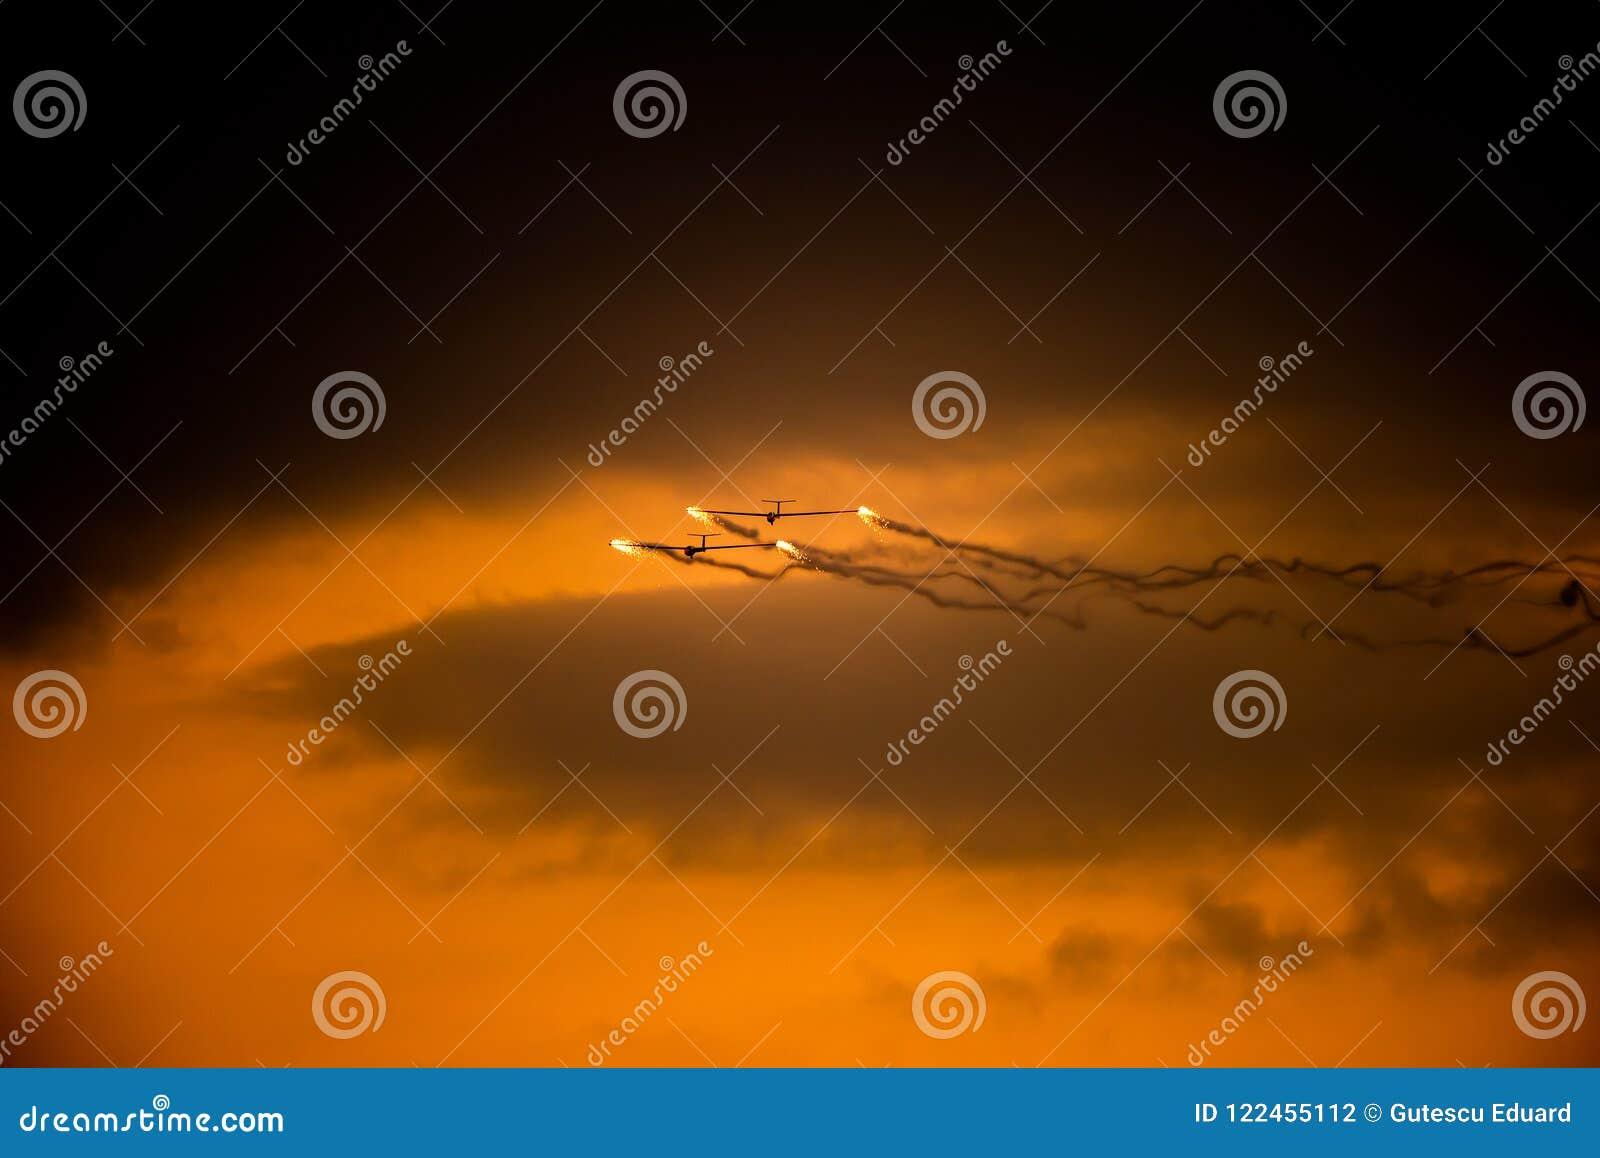 Bucharest international air show BIAS, air glider duo aerobatic team silhouette